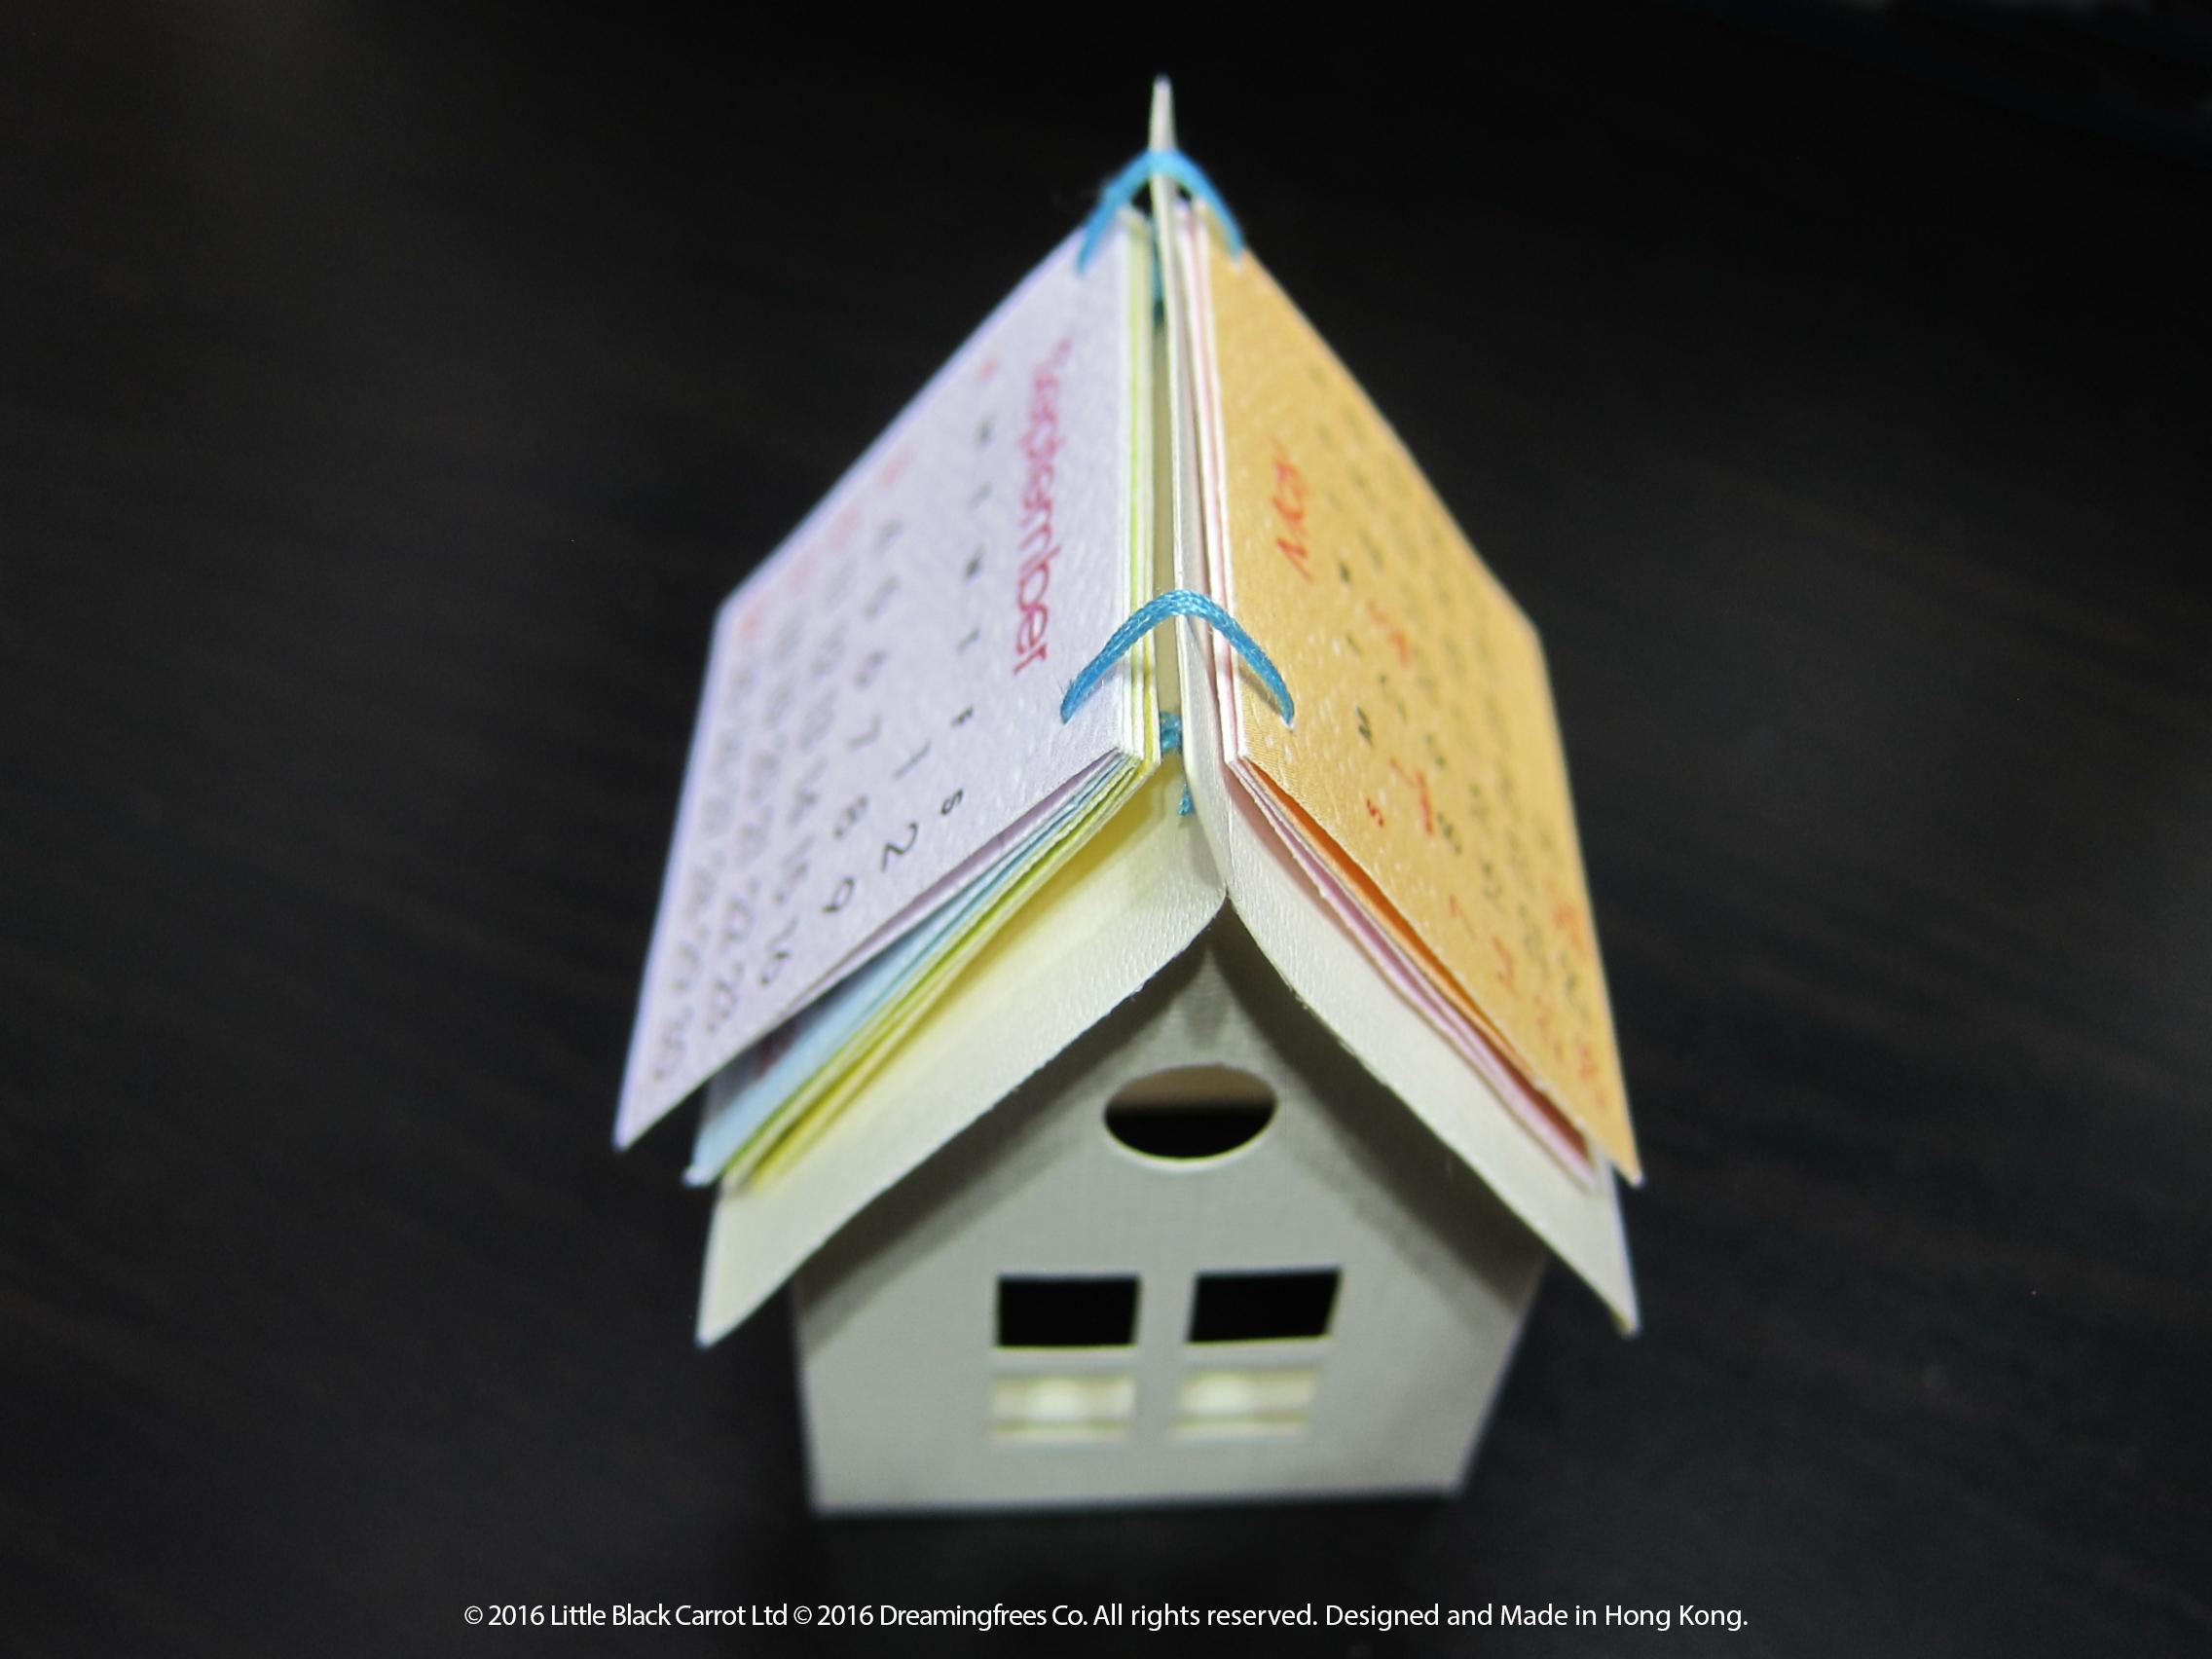 16:試揭一下月曆卡,看看鬆緊度